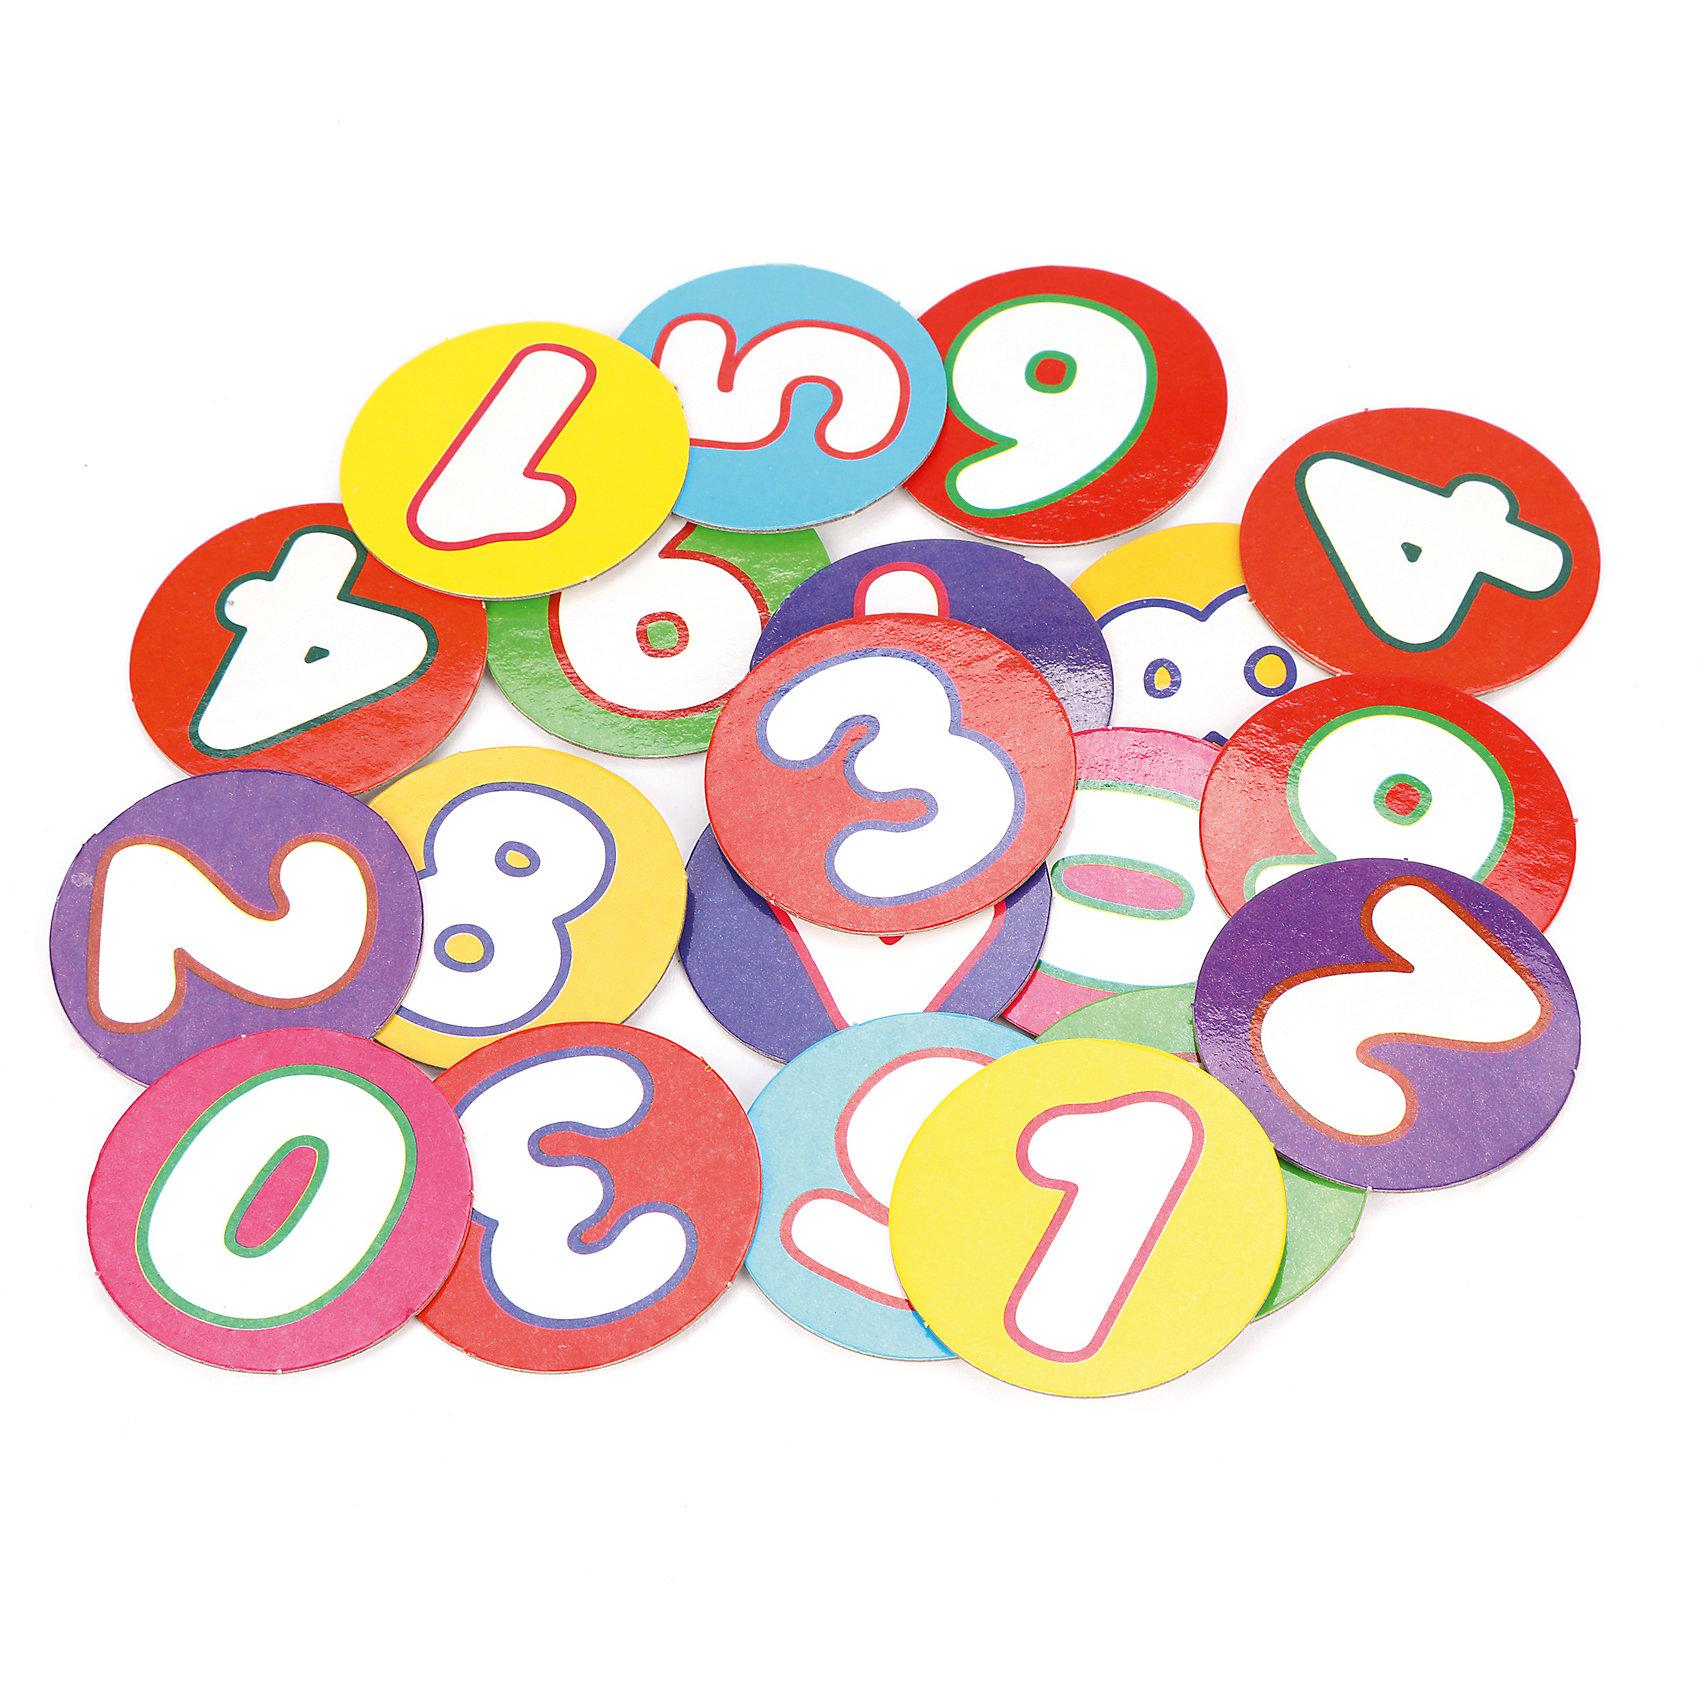 картинка с разноцветными цифрами бульвар, который